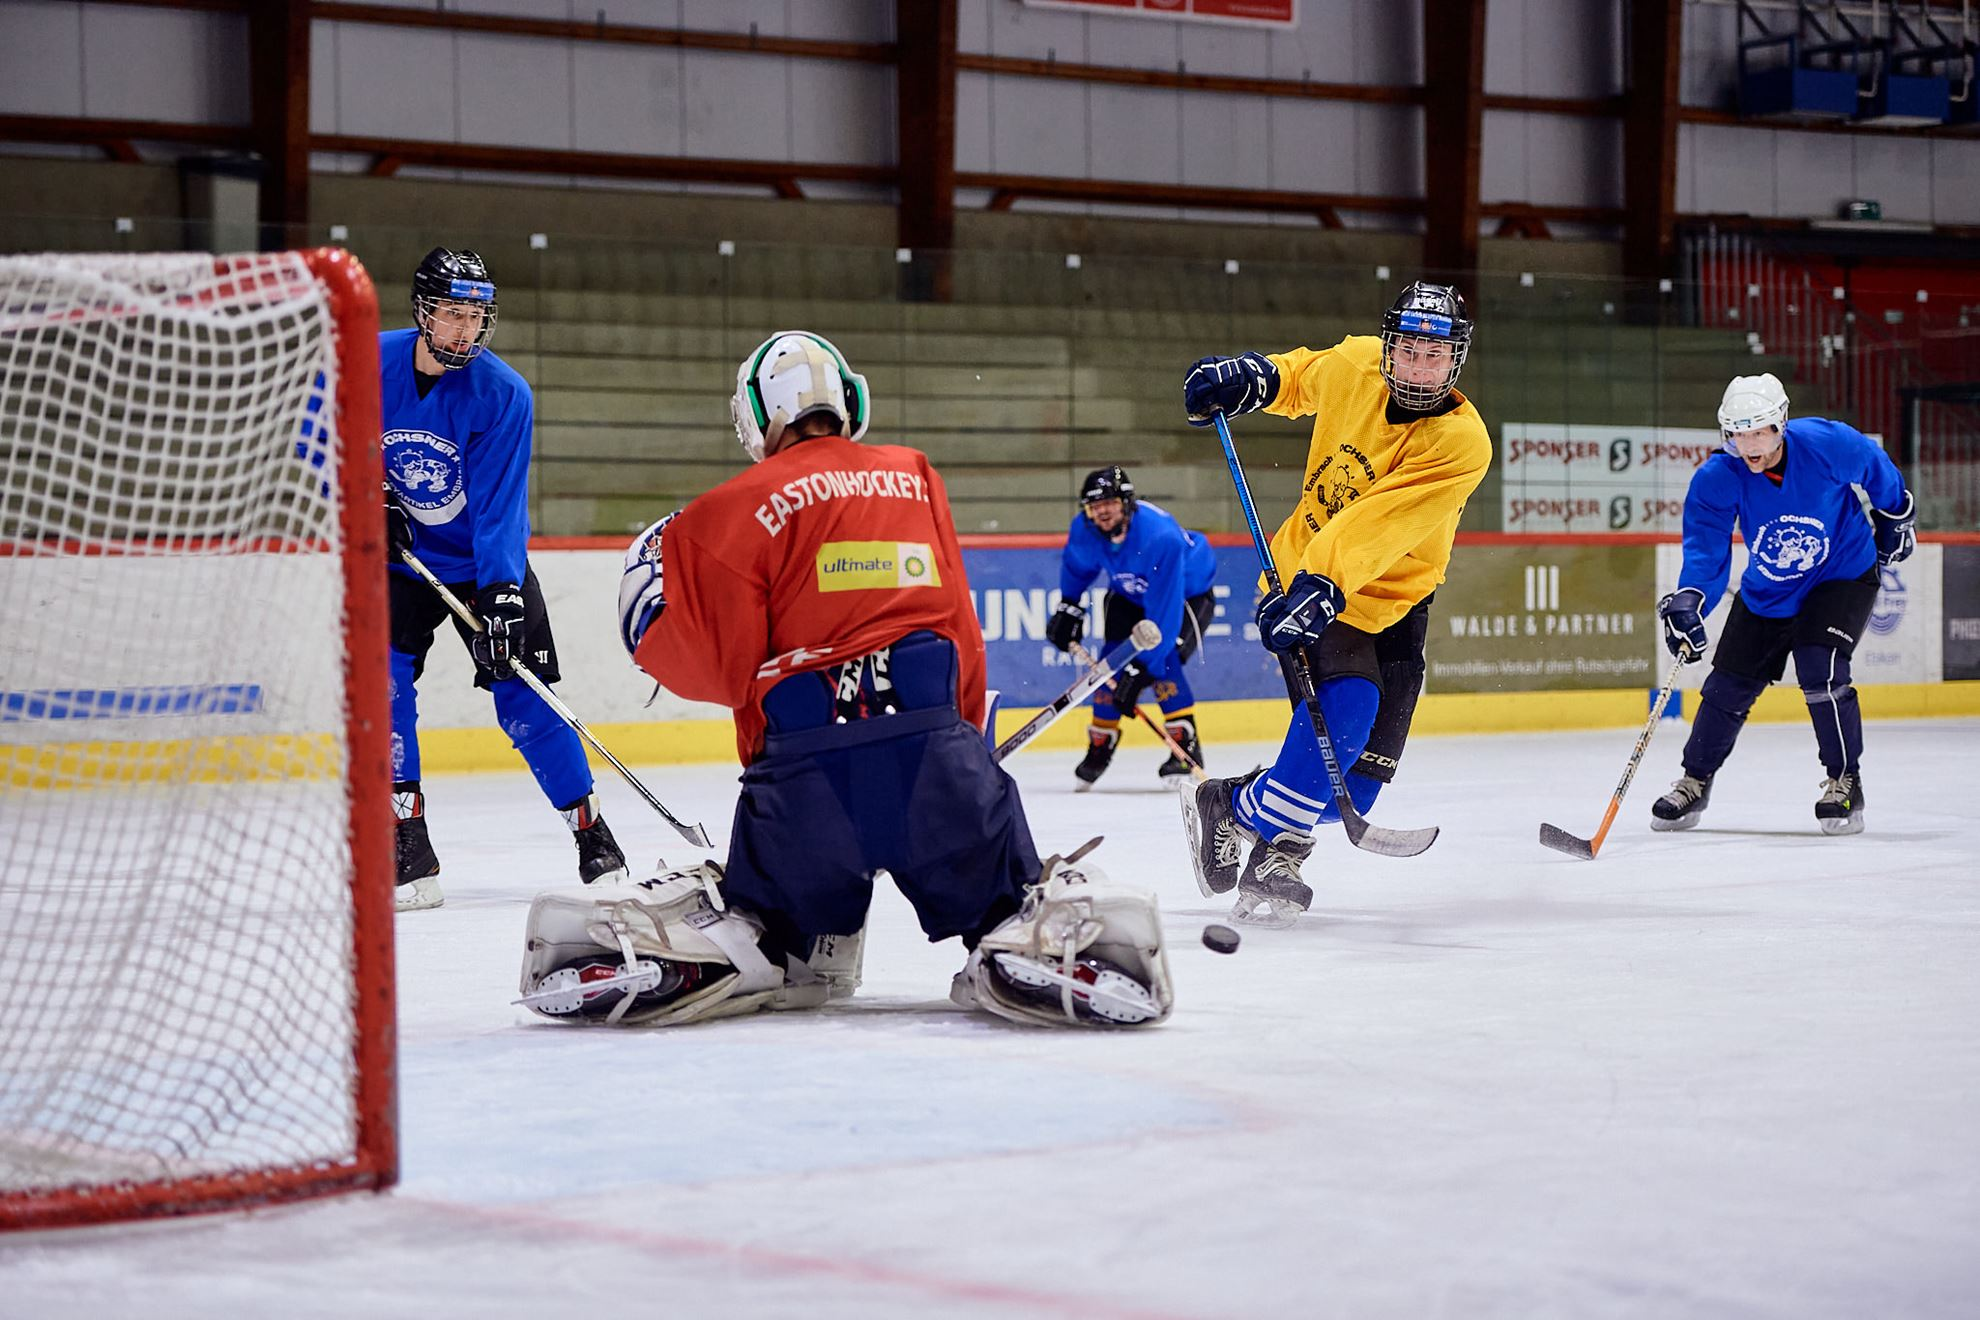 Hockey-Plausch_01